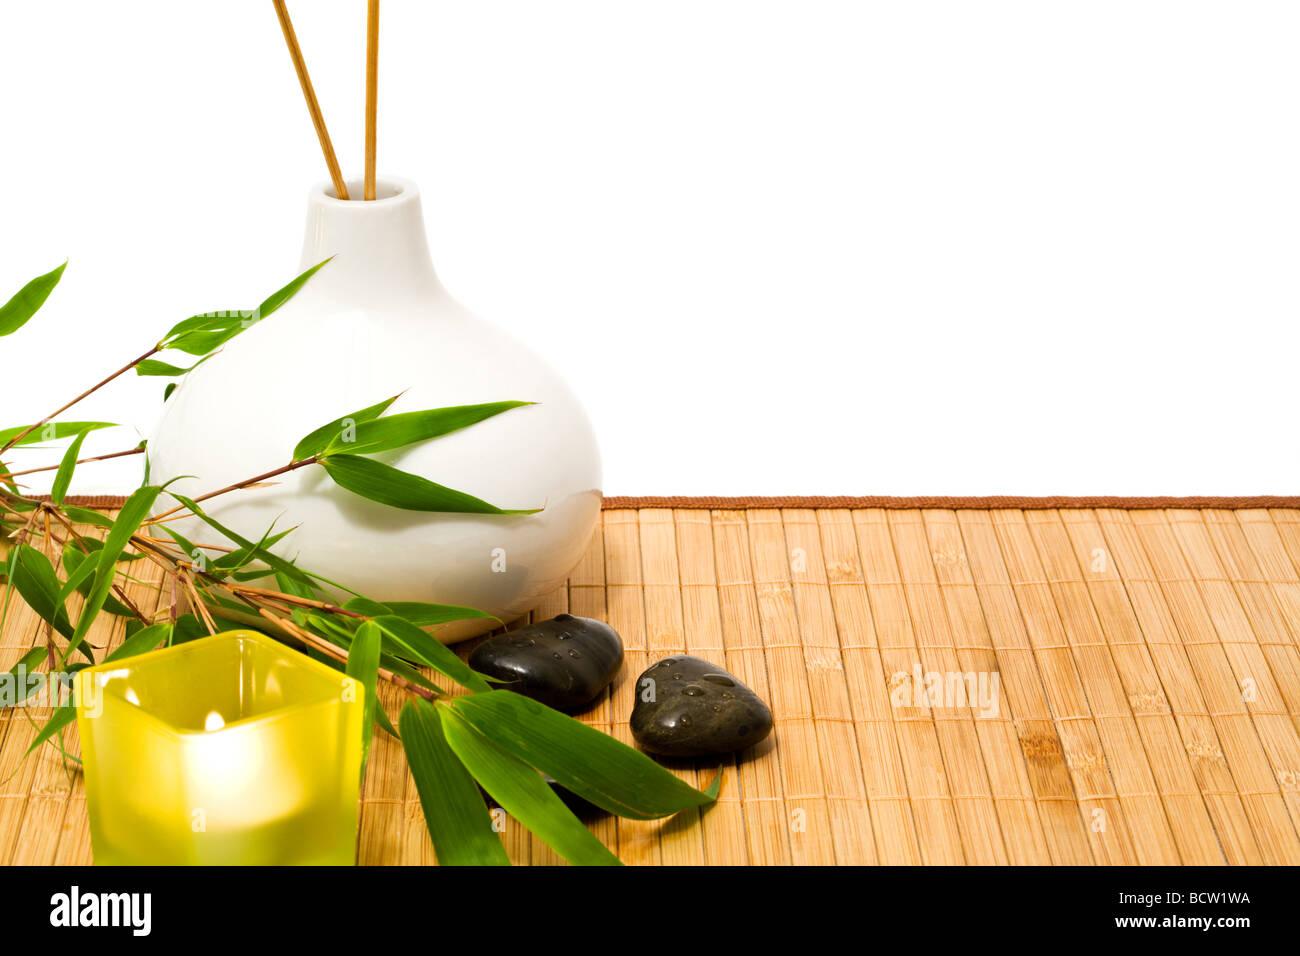 Spa y wellness de still life con la rama de bambú, velas, piedras, el jarrón con palitos de incienso, Imagen De Stock